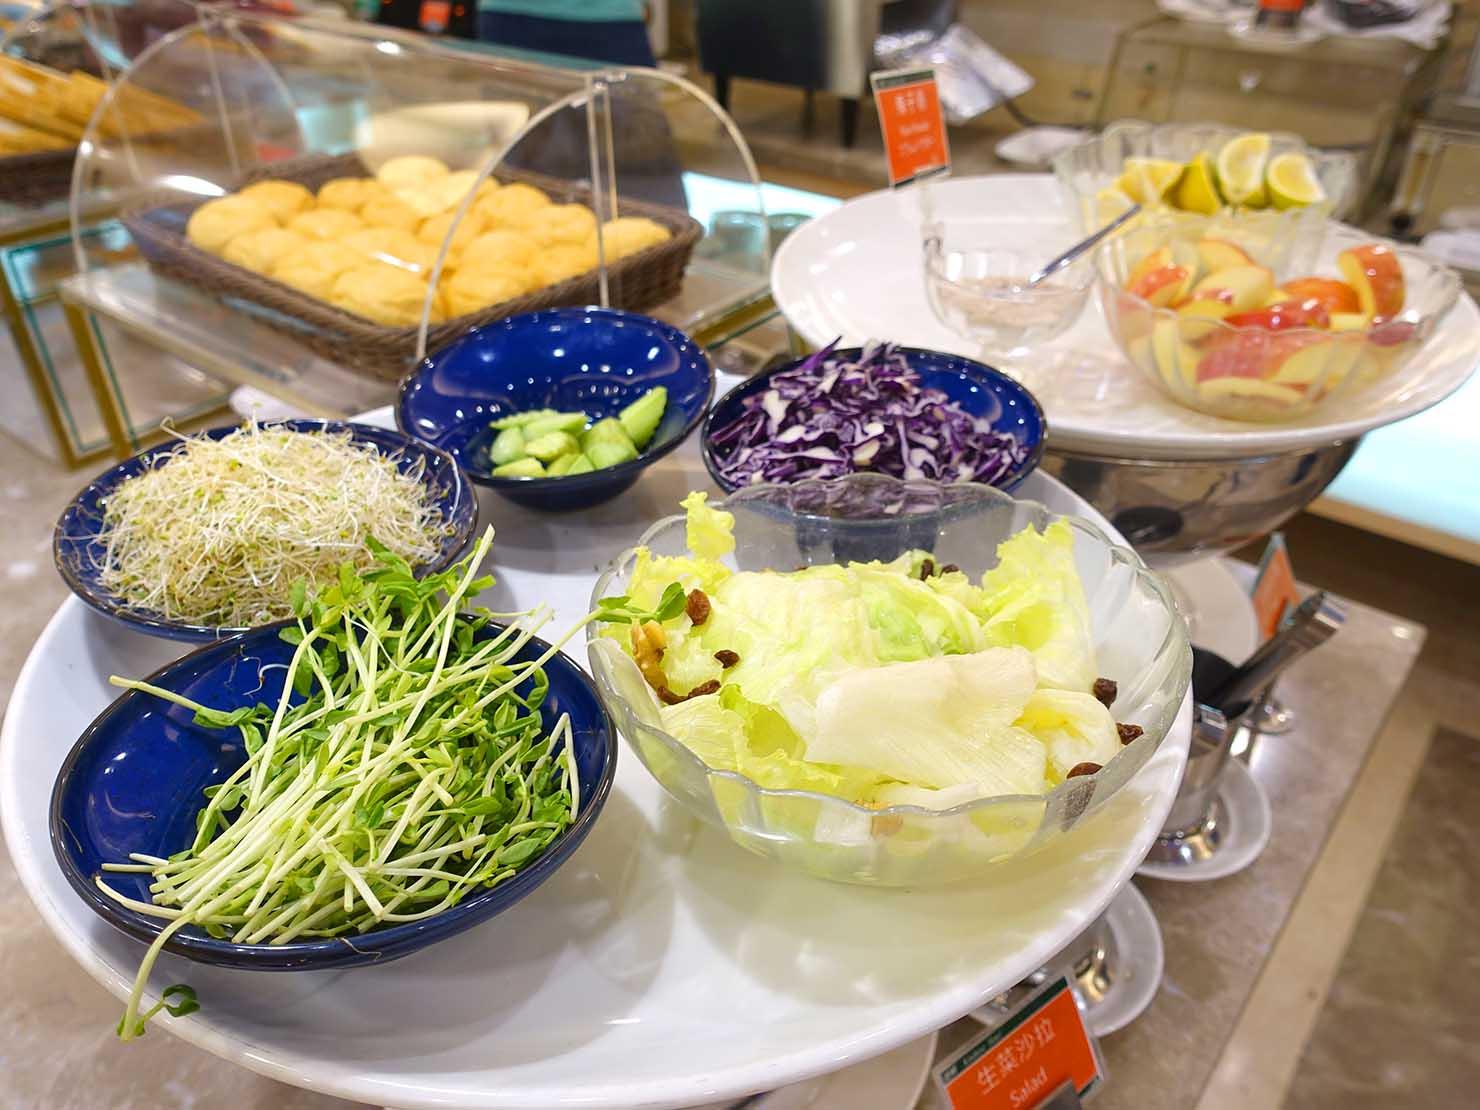 高雄のおすすめチェーンホテル「康橋商旅 Kindness Hotel(漢神館)」朝食ビュッフェのサラダ